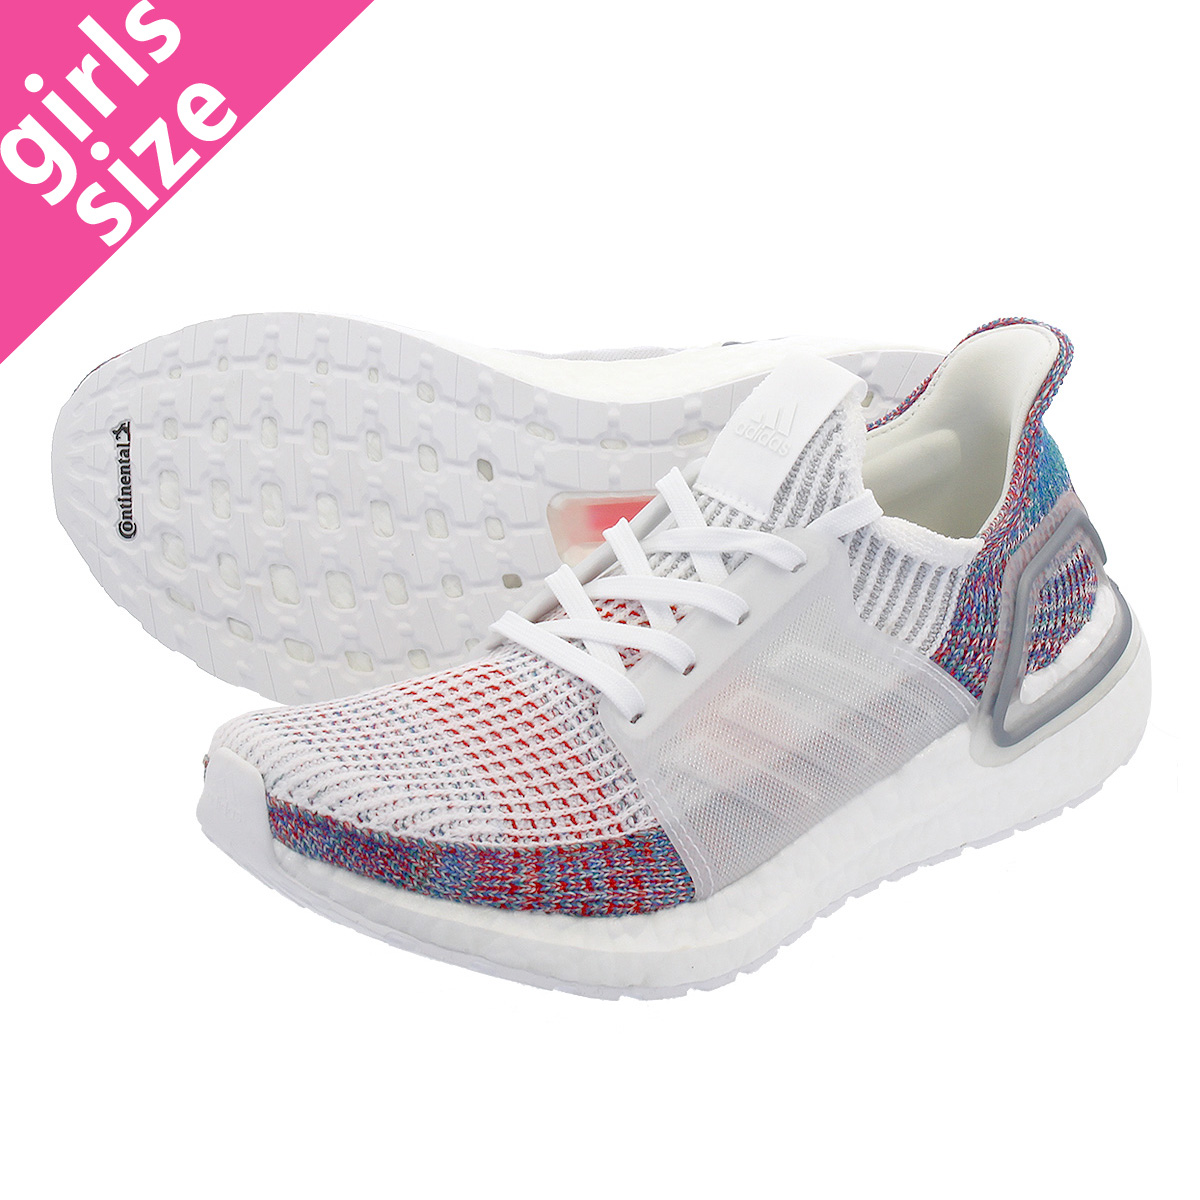 【大人気の女の子サイズ♪】 adidas ULTRA BOOST 19 W アディダス ウルトラ ブースト 19 W RUNNING WHITE/CRYSTAL WHITE/BLUE